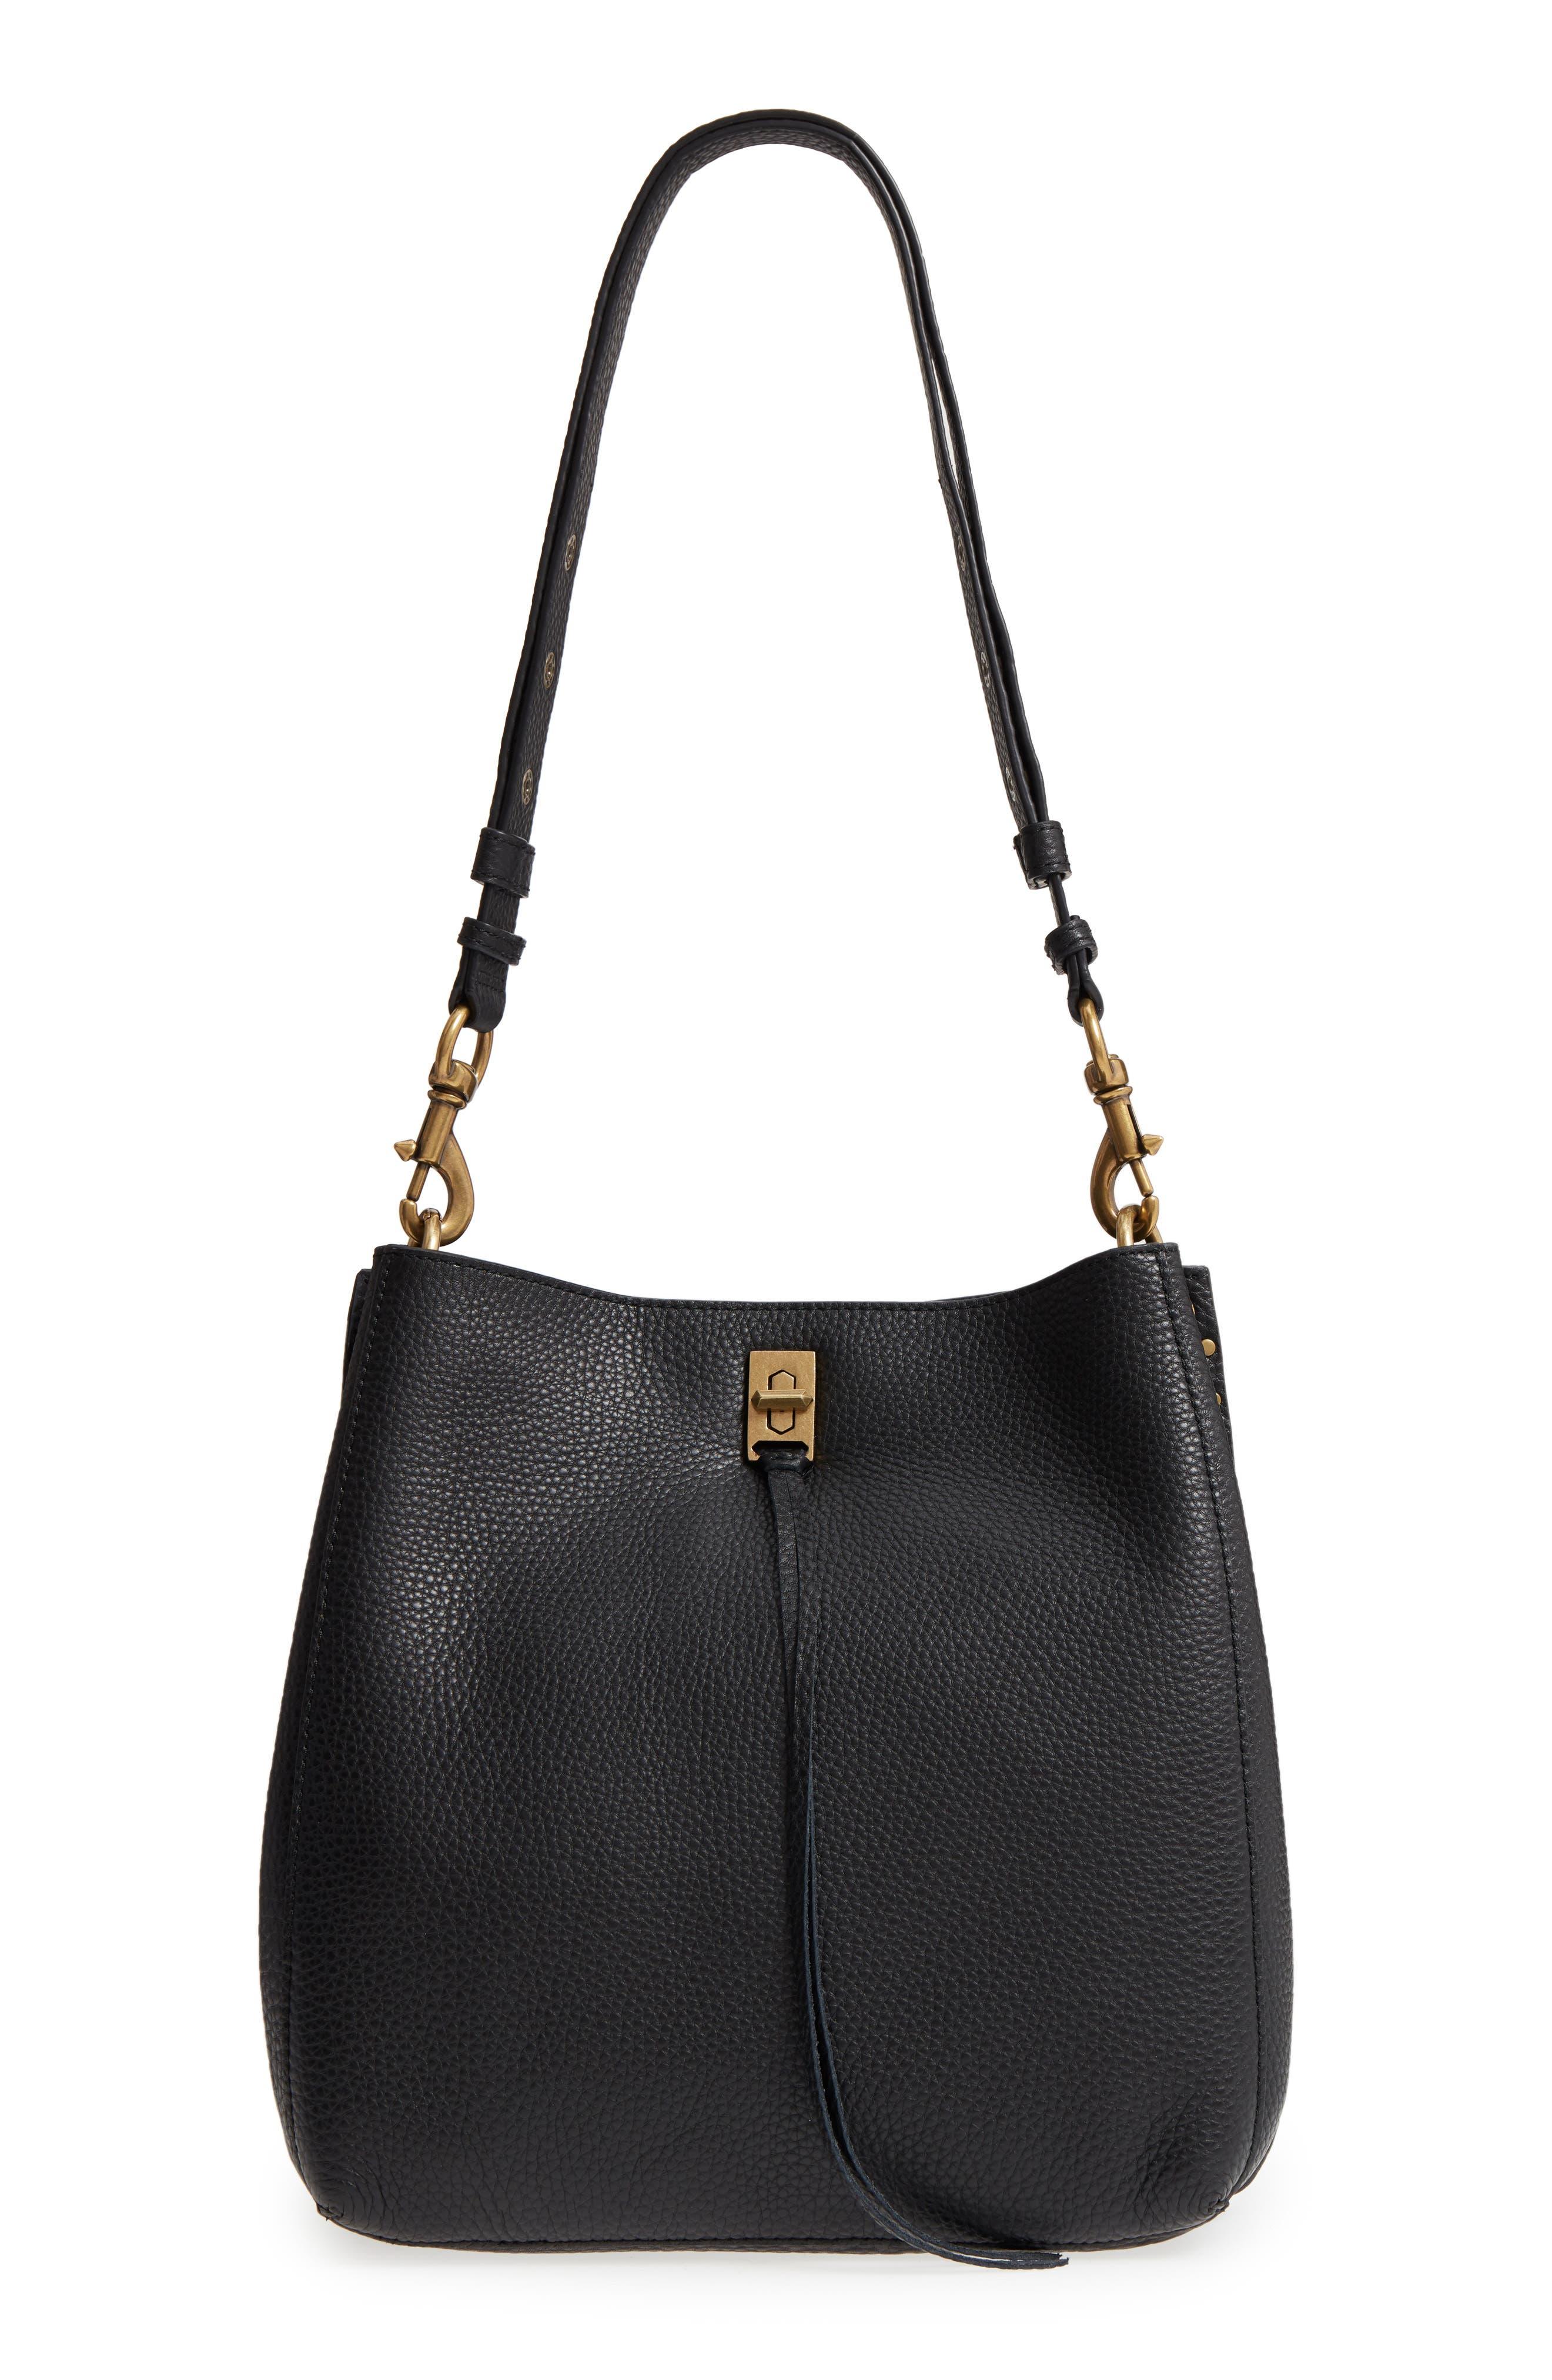 REBECCA MINKOFF, Darren Deerskin Leather Shoulder Bag, Main thumbnail 1, color, BLACK